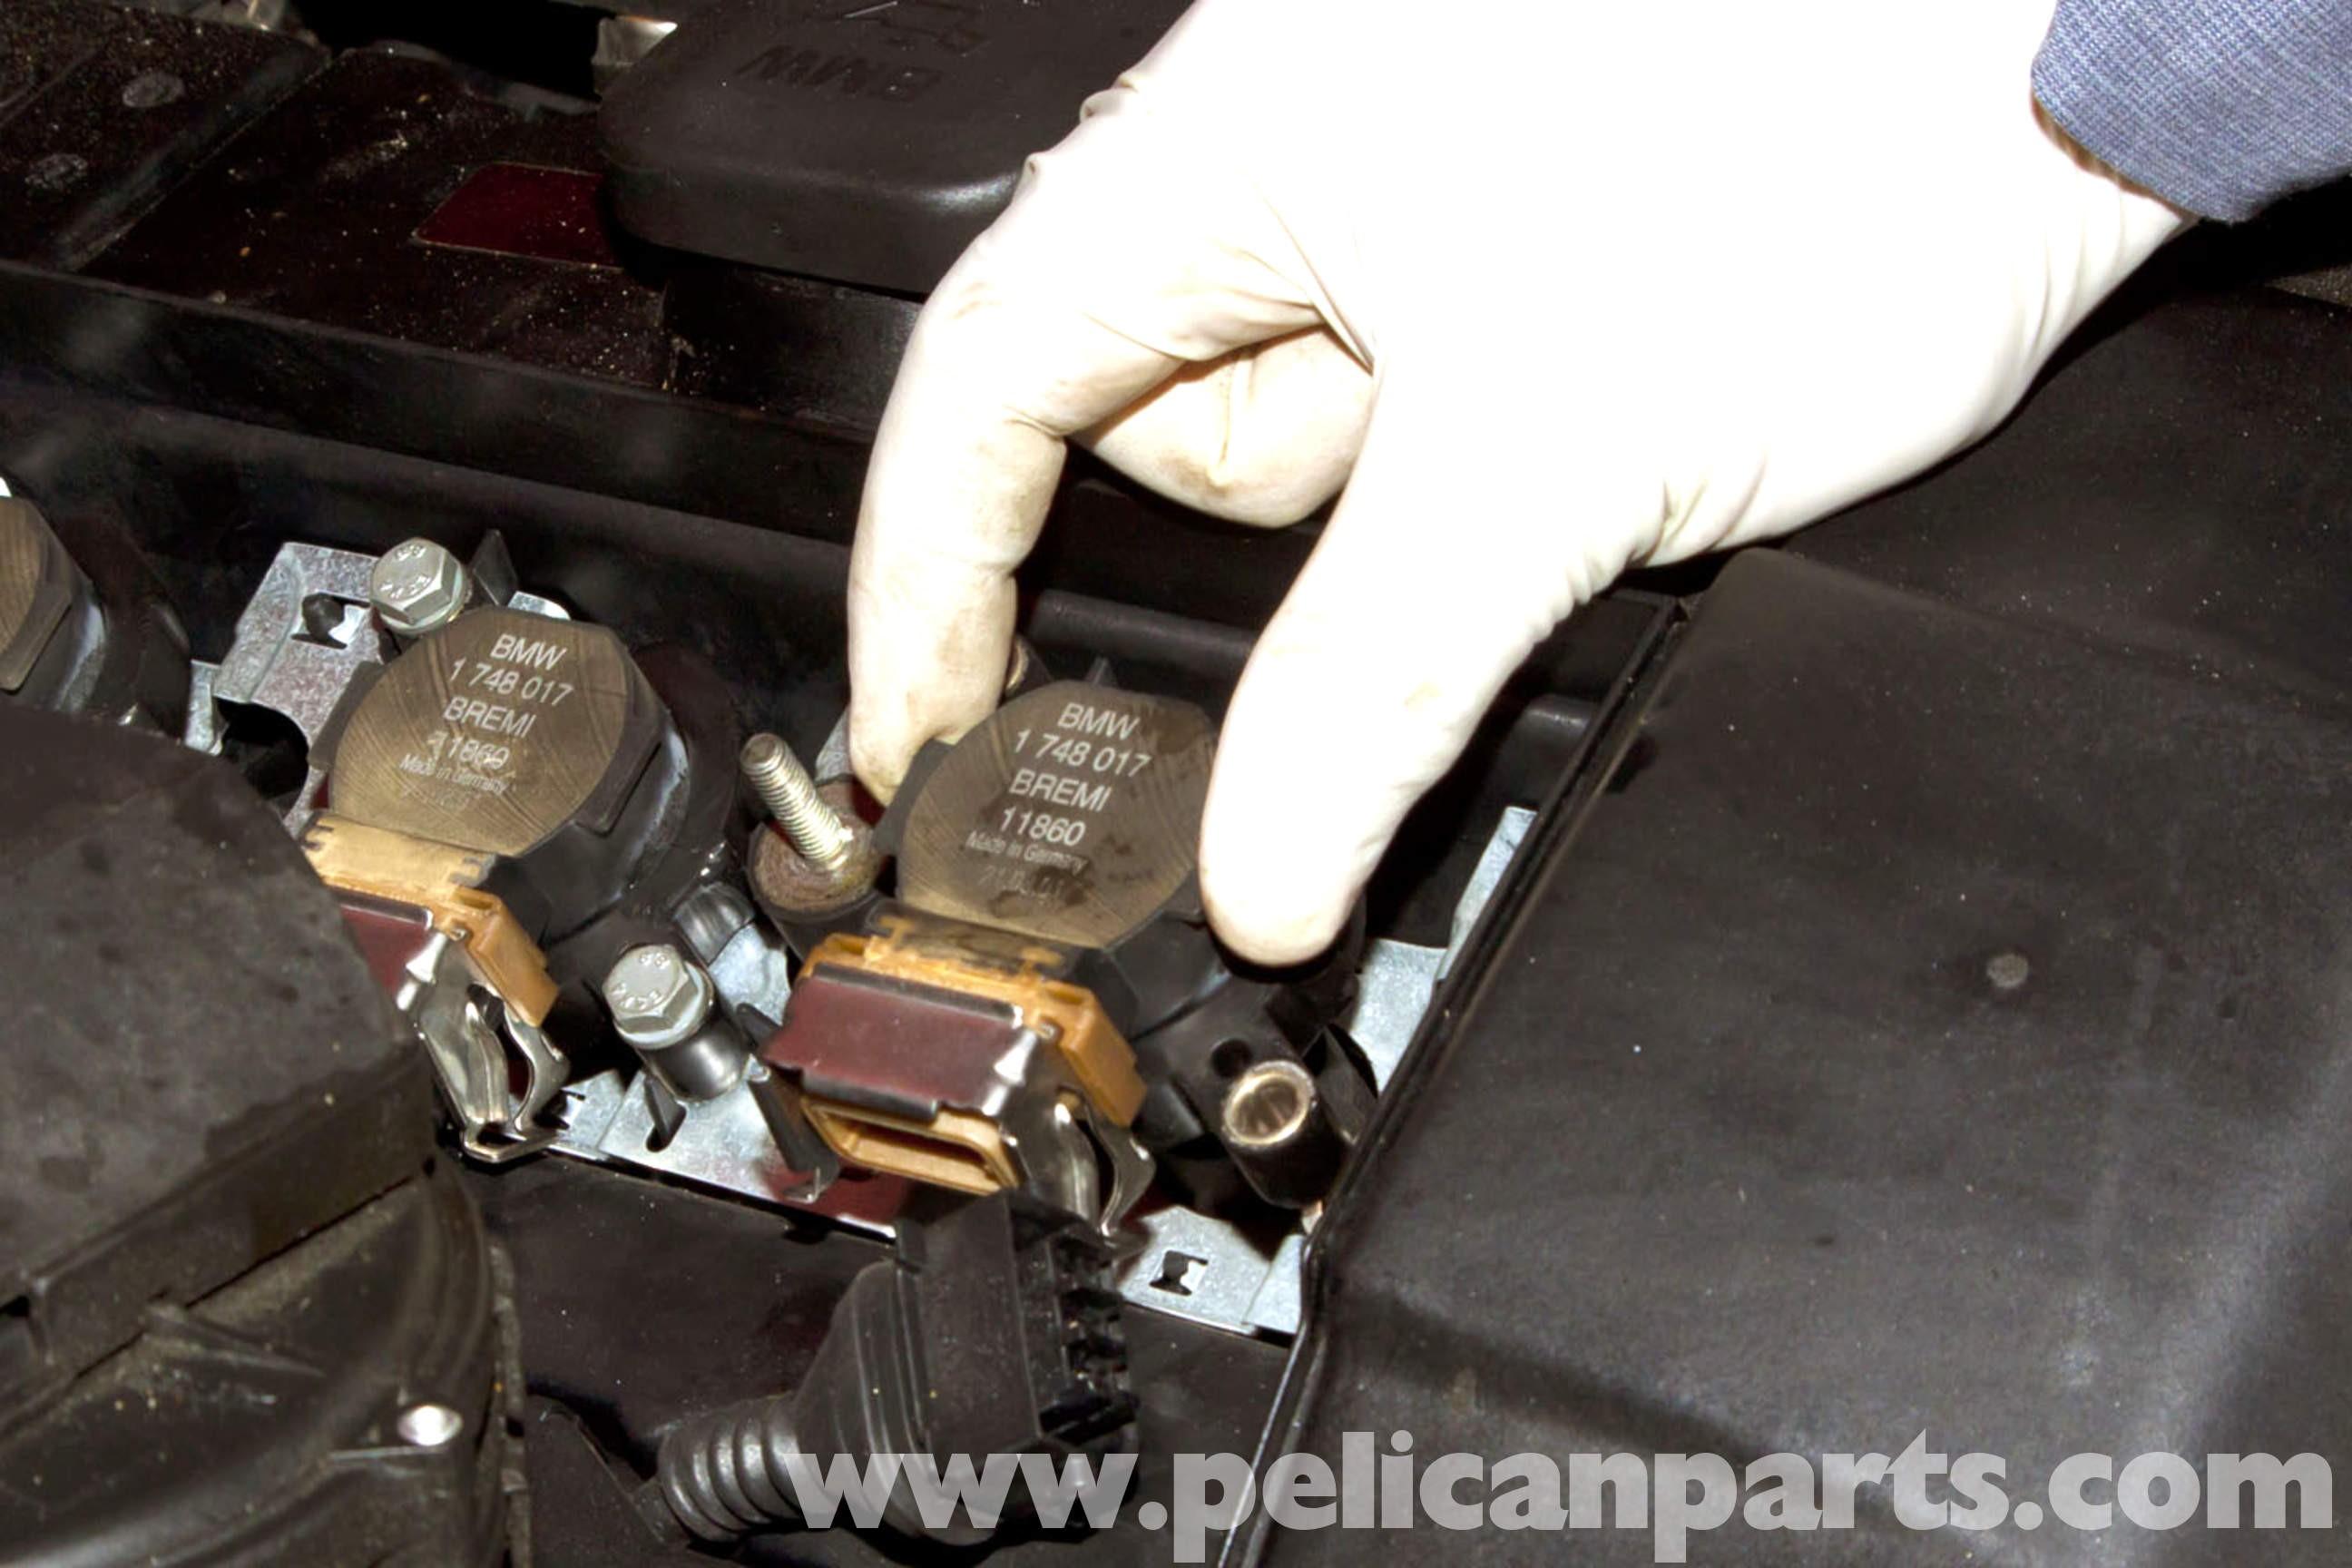 Bmw E46 Engine Parts Diagram Bmw E46 Valve Cover Removal Of Bmw E46 Engine Parts Diagram